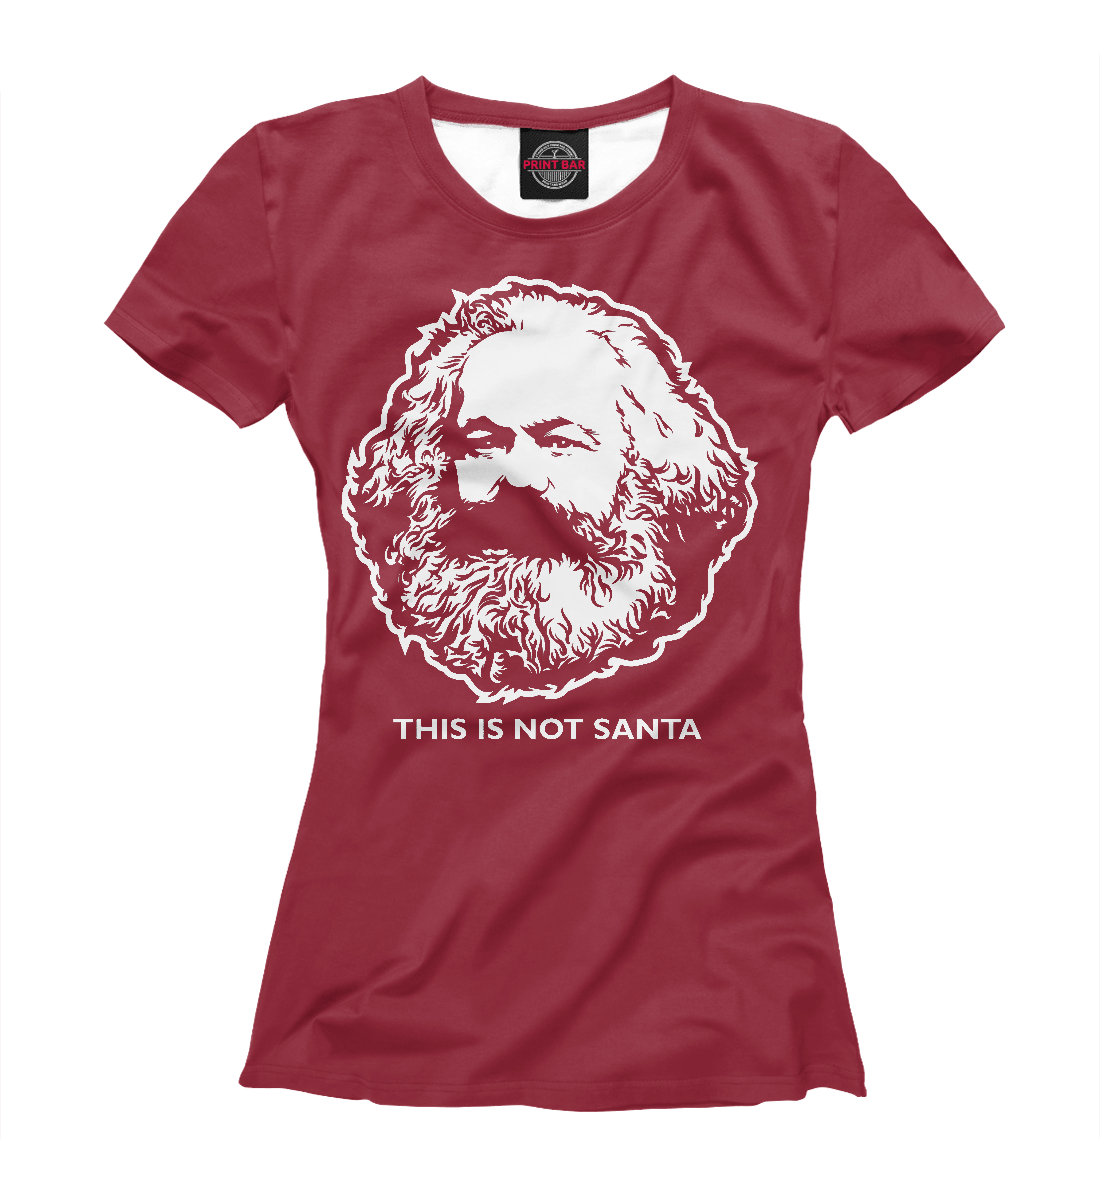 Купить Карл Маркс не Санта, Printbar, Футболки, APD-231400-fut-1